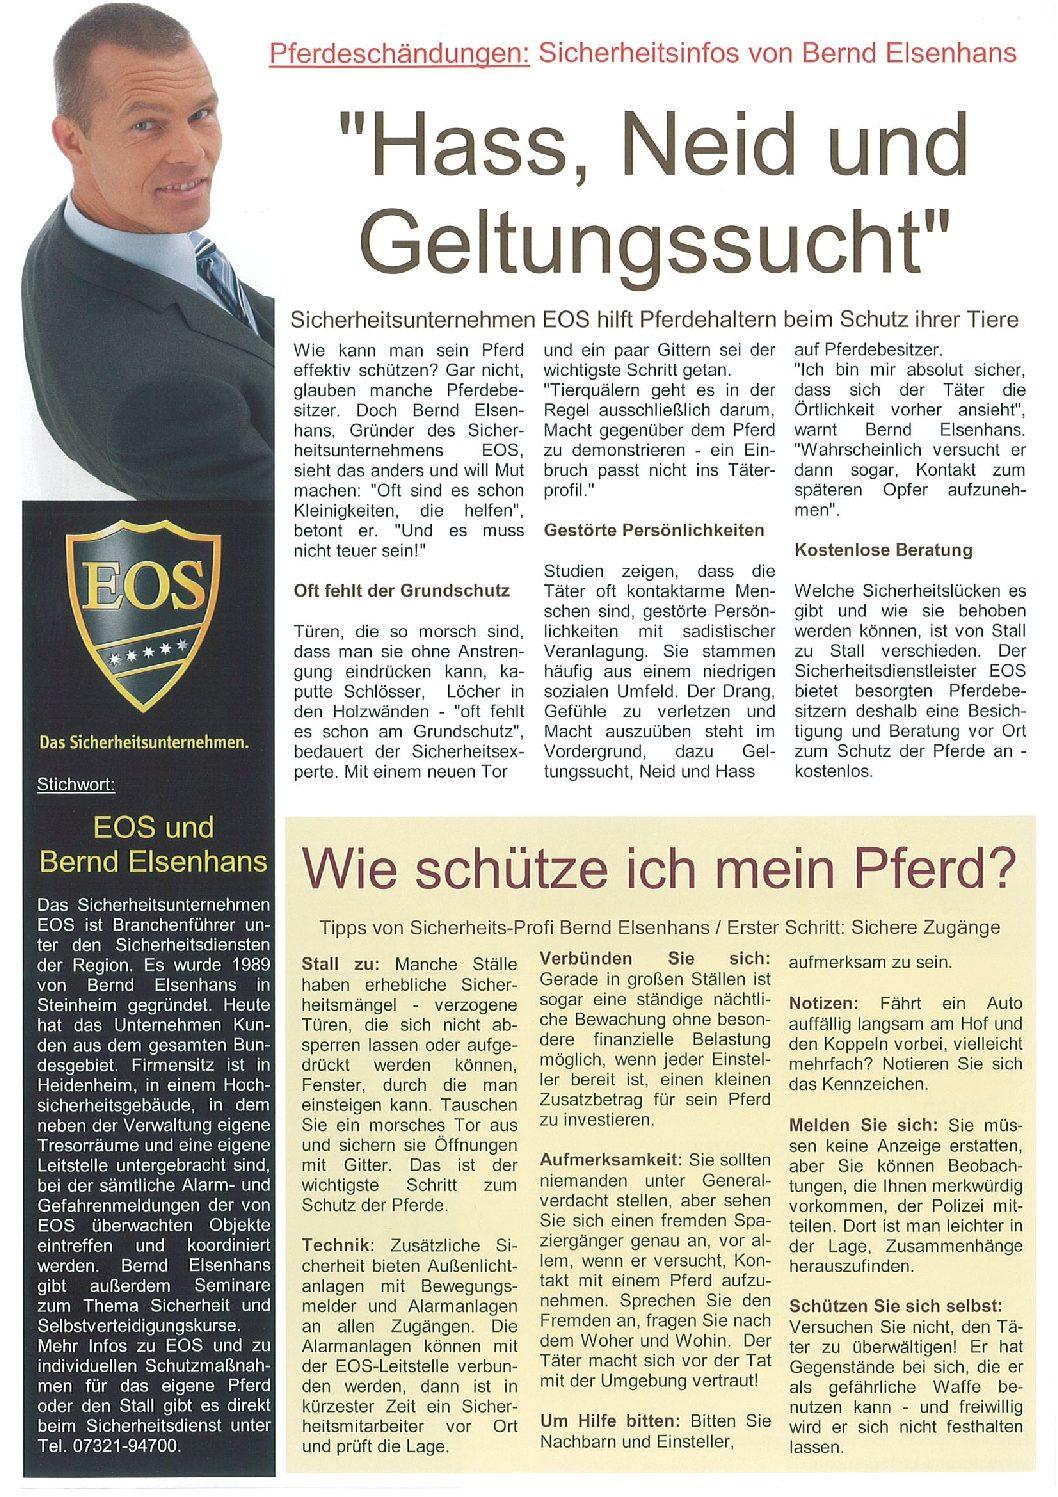 """""""Hass, Neid und Geltungssucht"""" – Pferdeschändungen"""